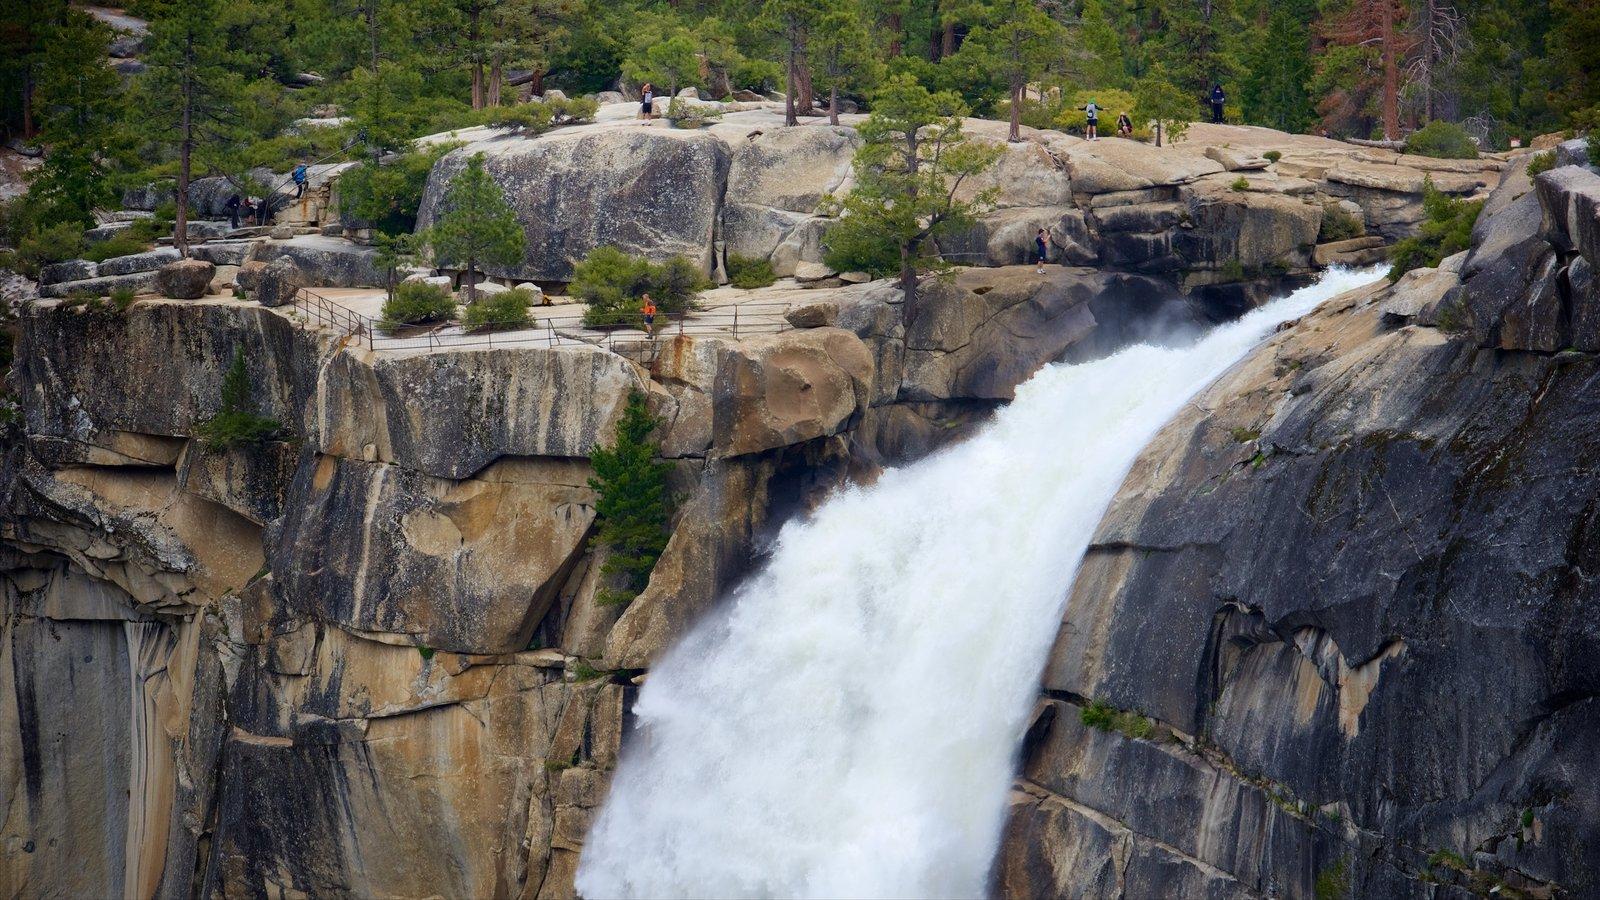 Nevada Falls mostrando uma cascata e um desfiladeiro ou canyon